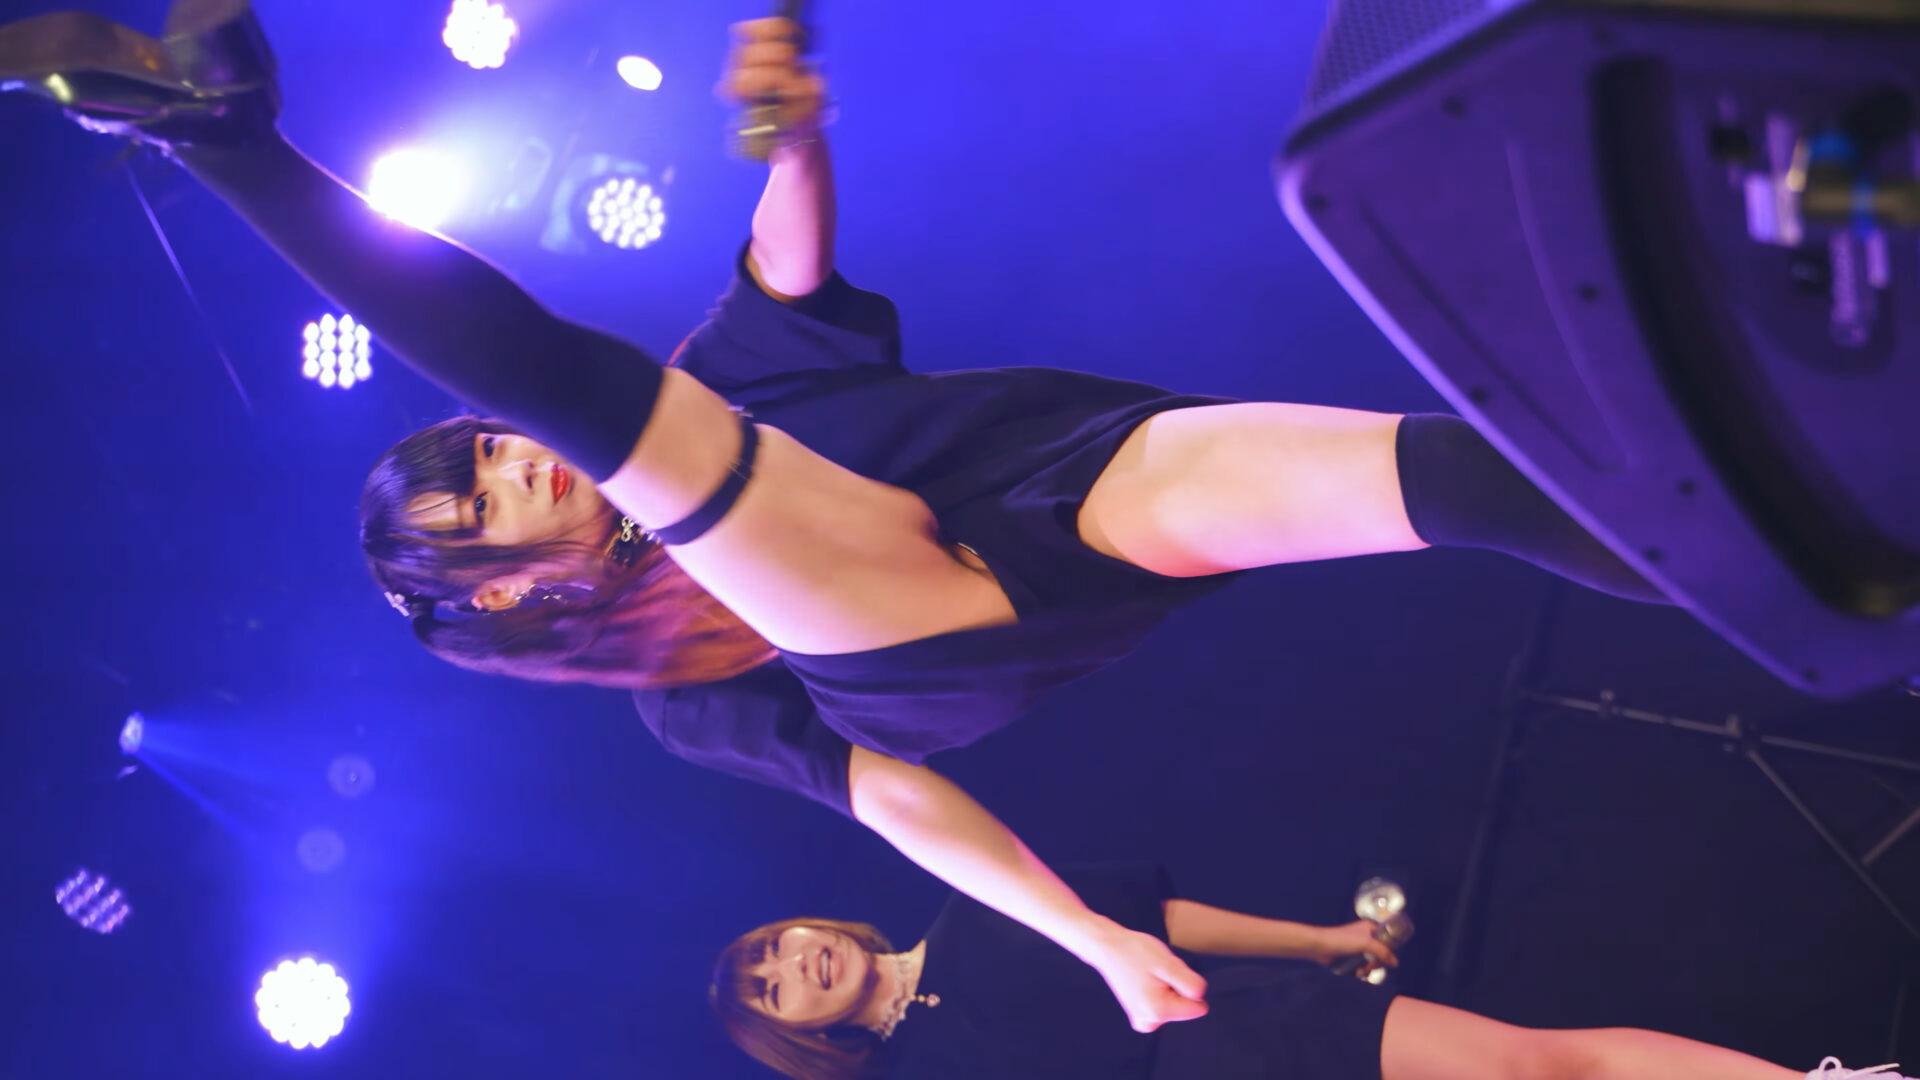 みらくるふぉーぜ_アイドル/縦動画_α7SIII[4K/60P]横浜1000club/20210816 07:52